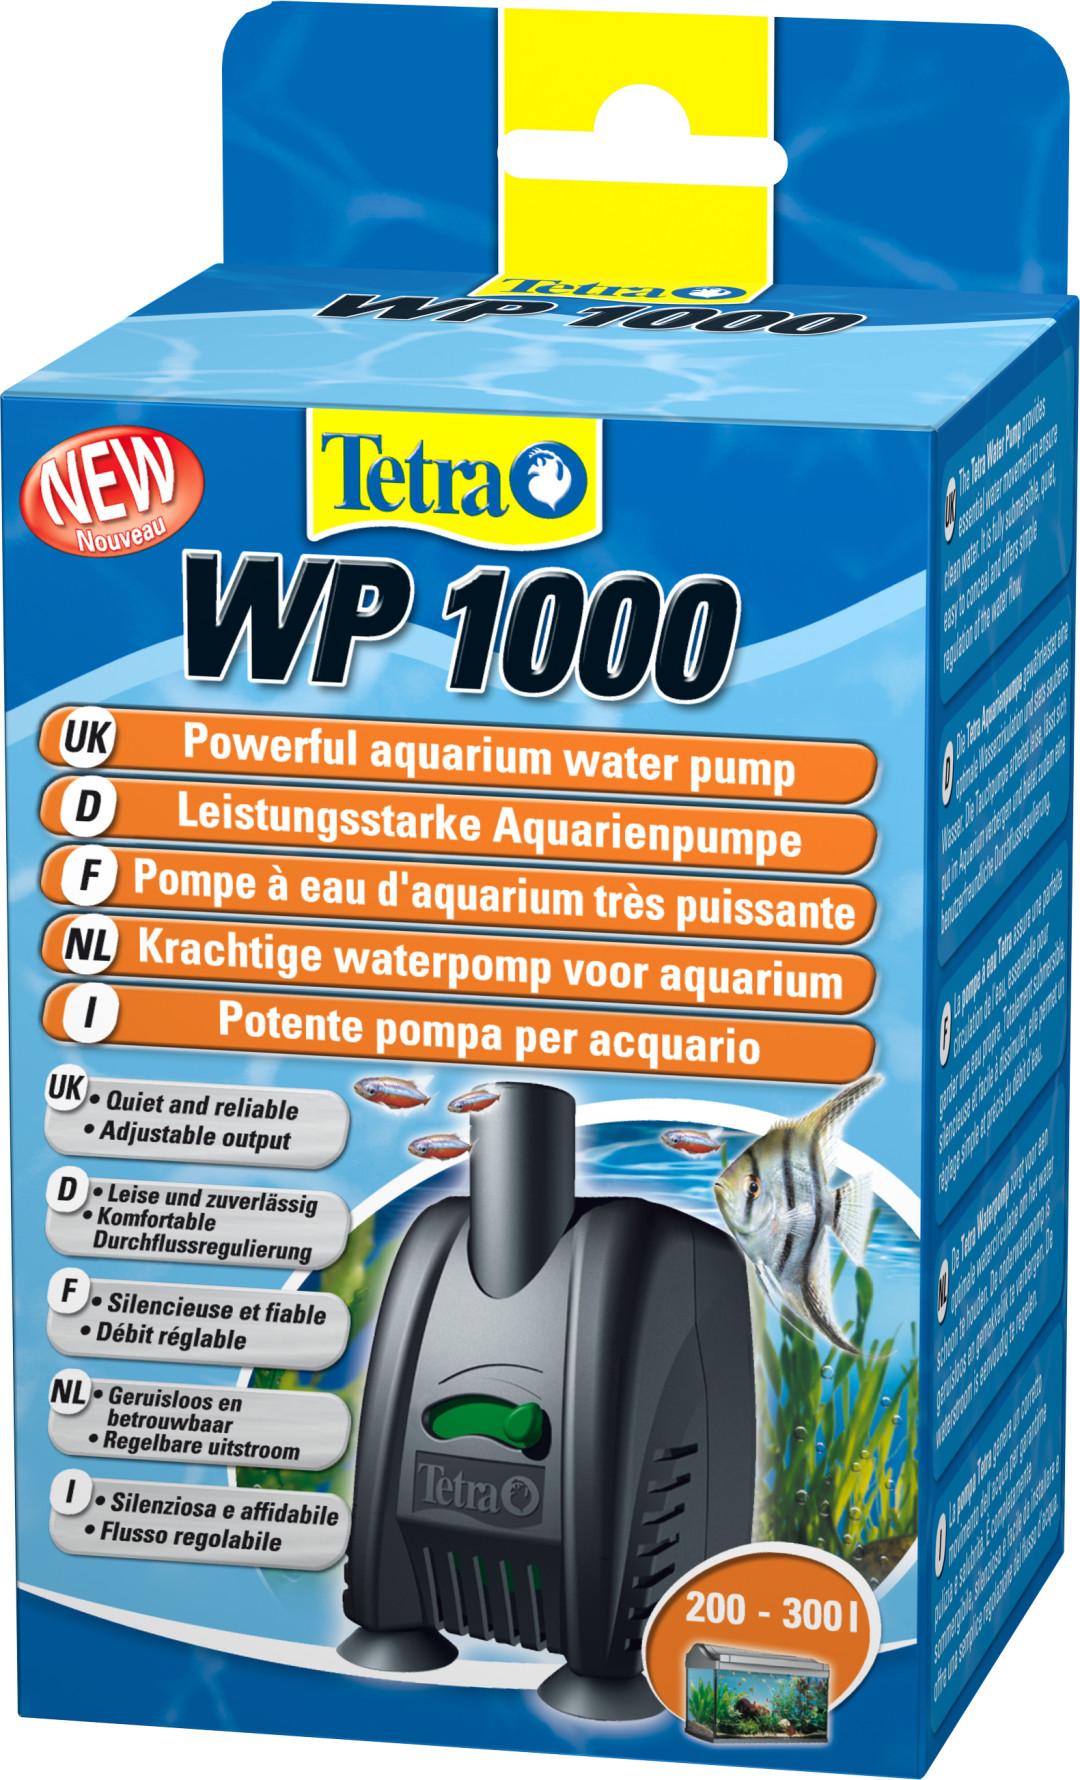 Tetra circulatiepomp Wp 1000